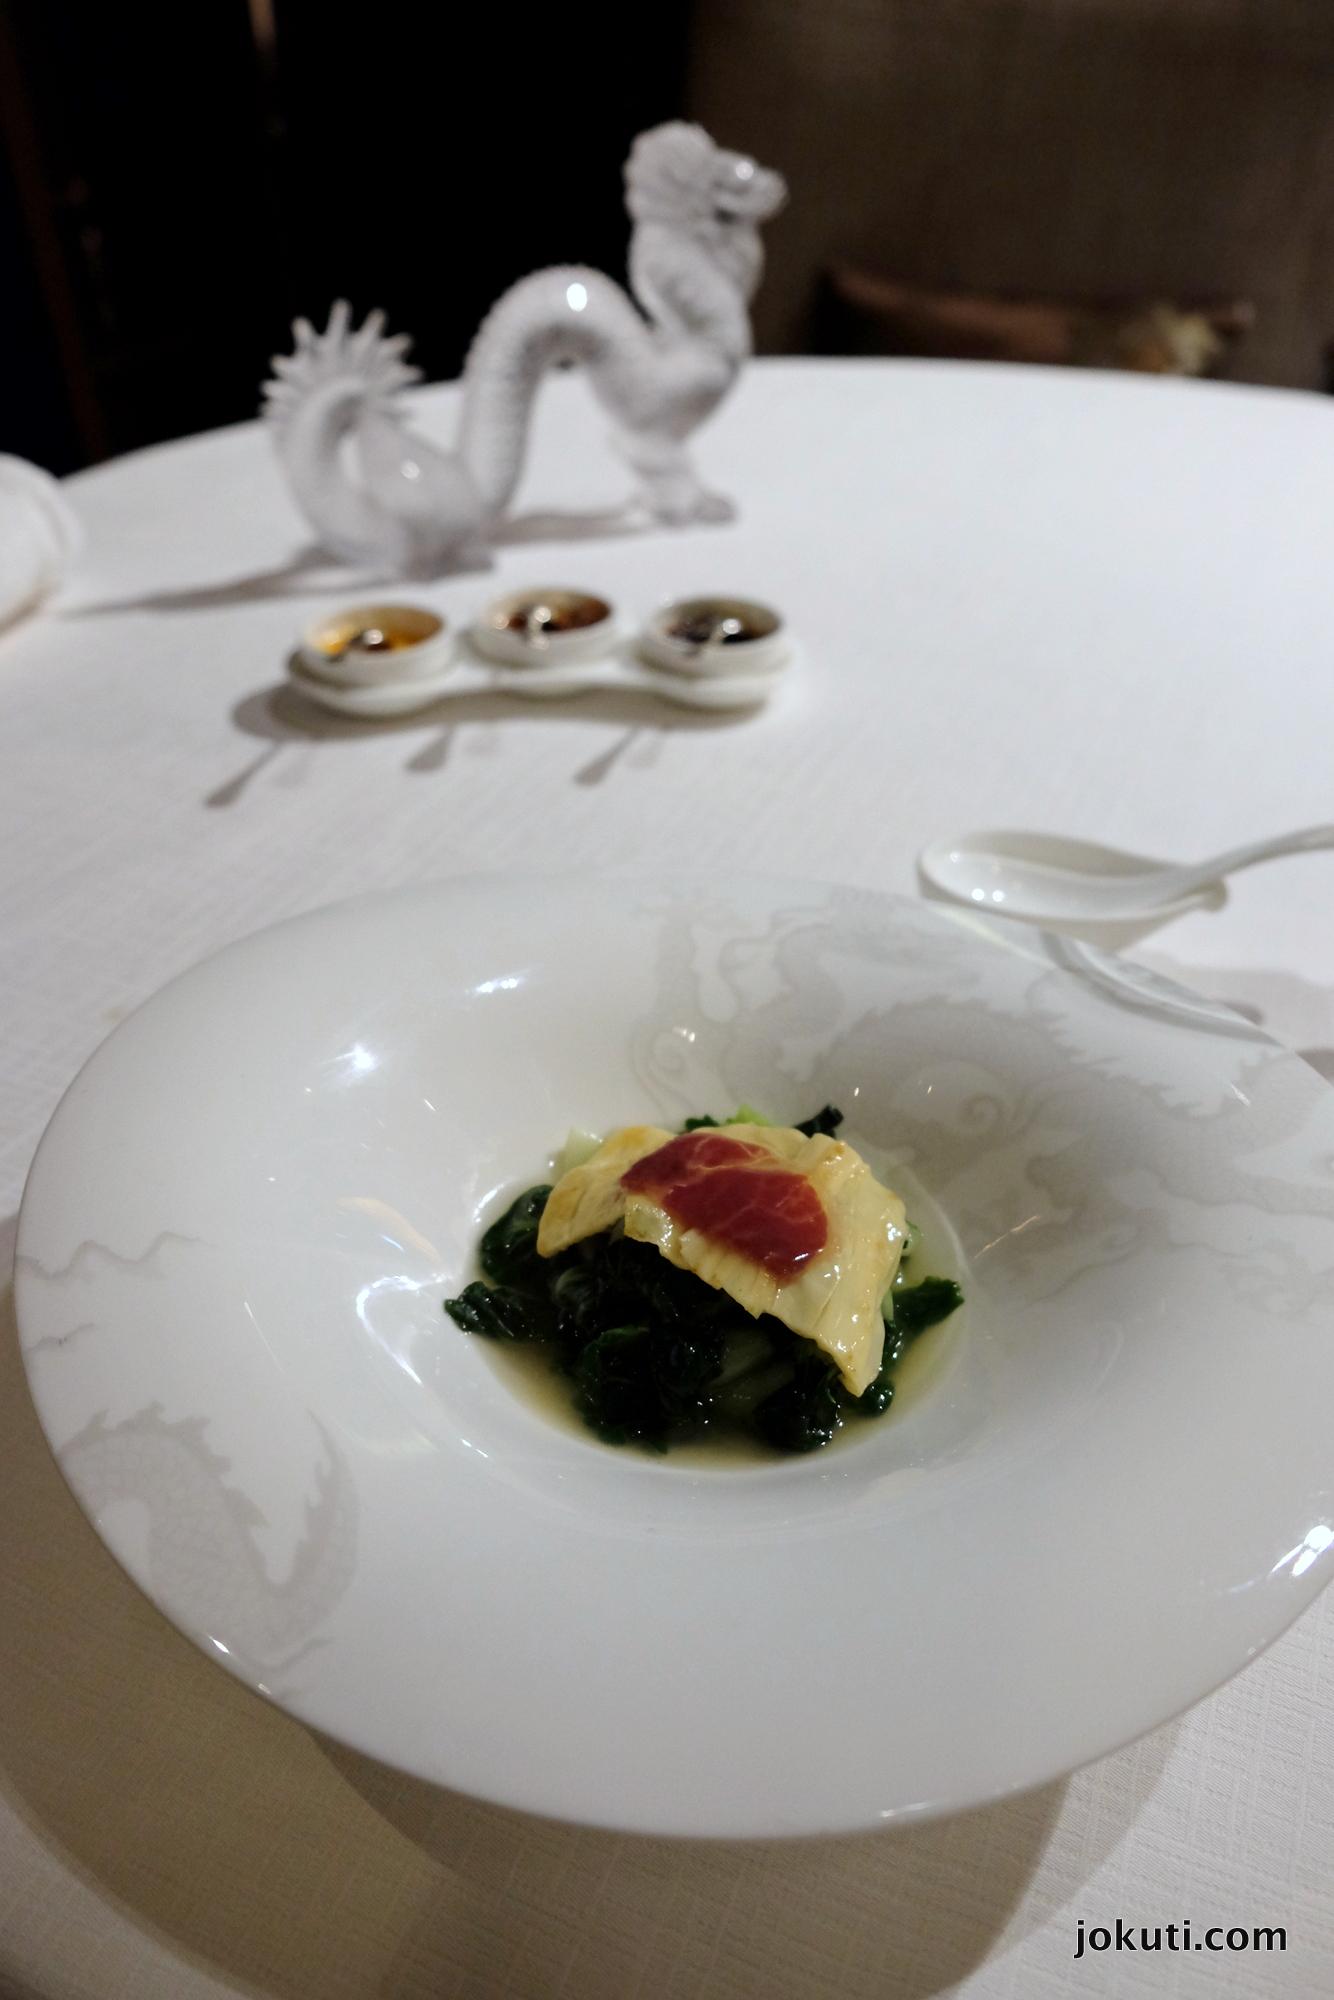 dscf6924_jade_dragon_restaurant_cantonese_chinese_michelin_macau_makao_china_kinai_vilagevo_jokuti.jpg